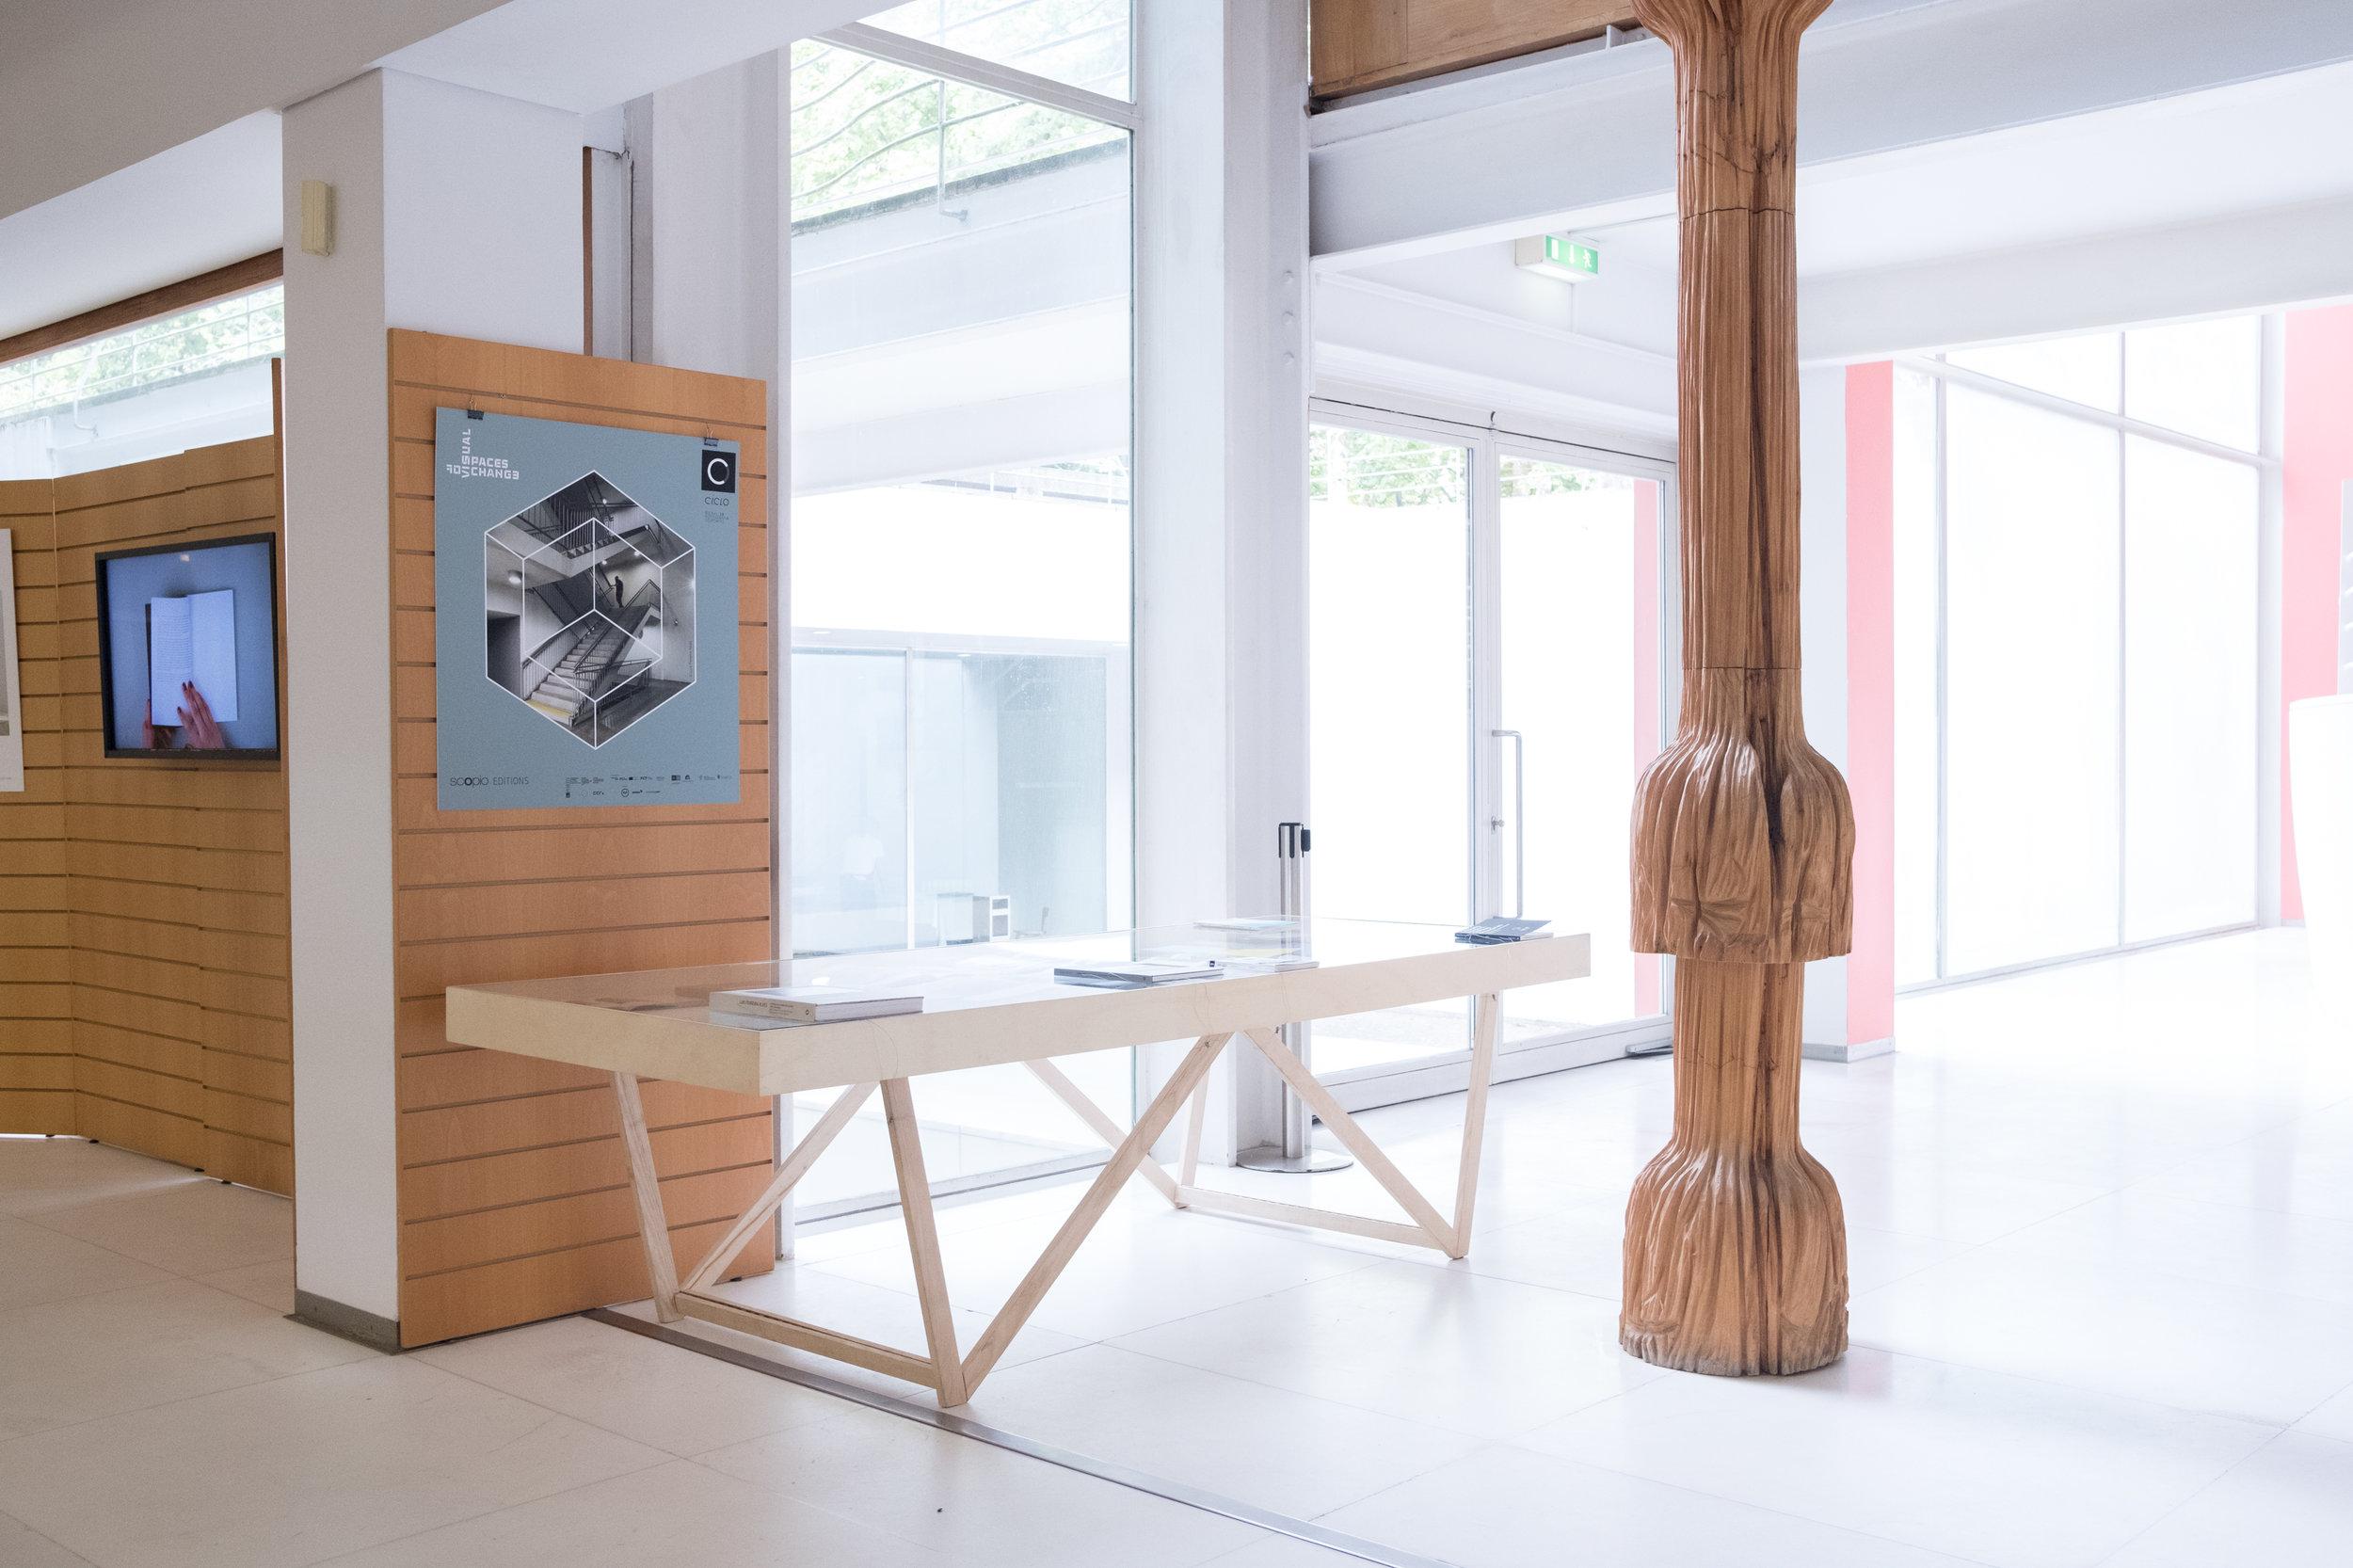 Apresentação do projecto VSC / Ci.CLO Bienal Fotografia do Porto 2019